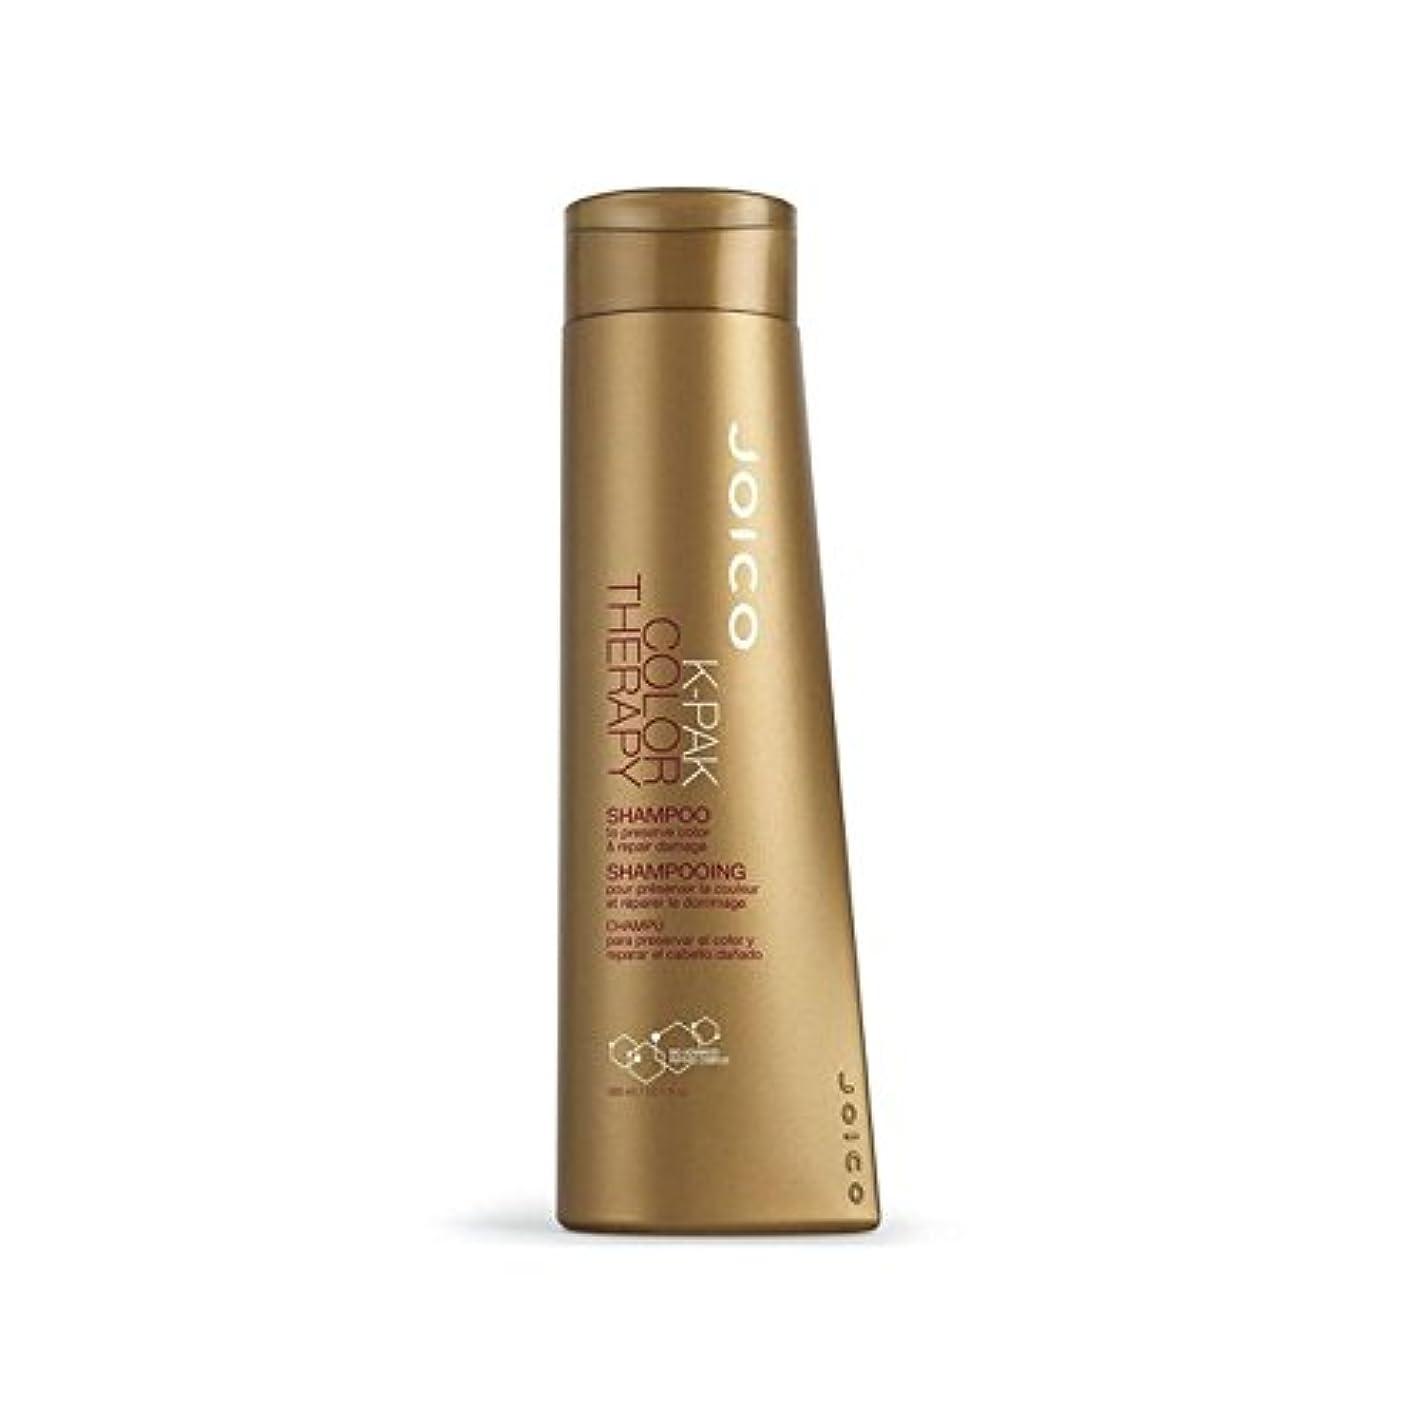 致死接地その後ジョイコ-カラーセラピーシャンプー300ミリリットル x4 - Joico K-Pak Color Therapy Shampoo 300ml (Pack of 4) [並行輸入品]